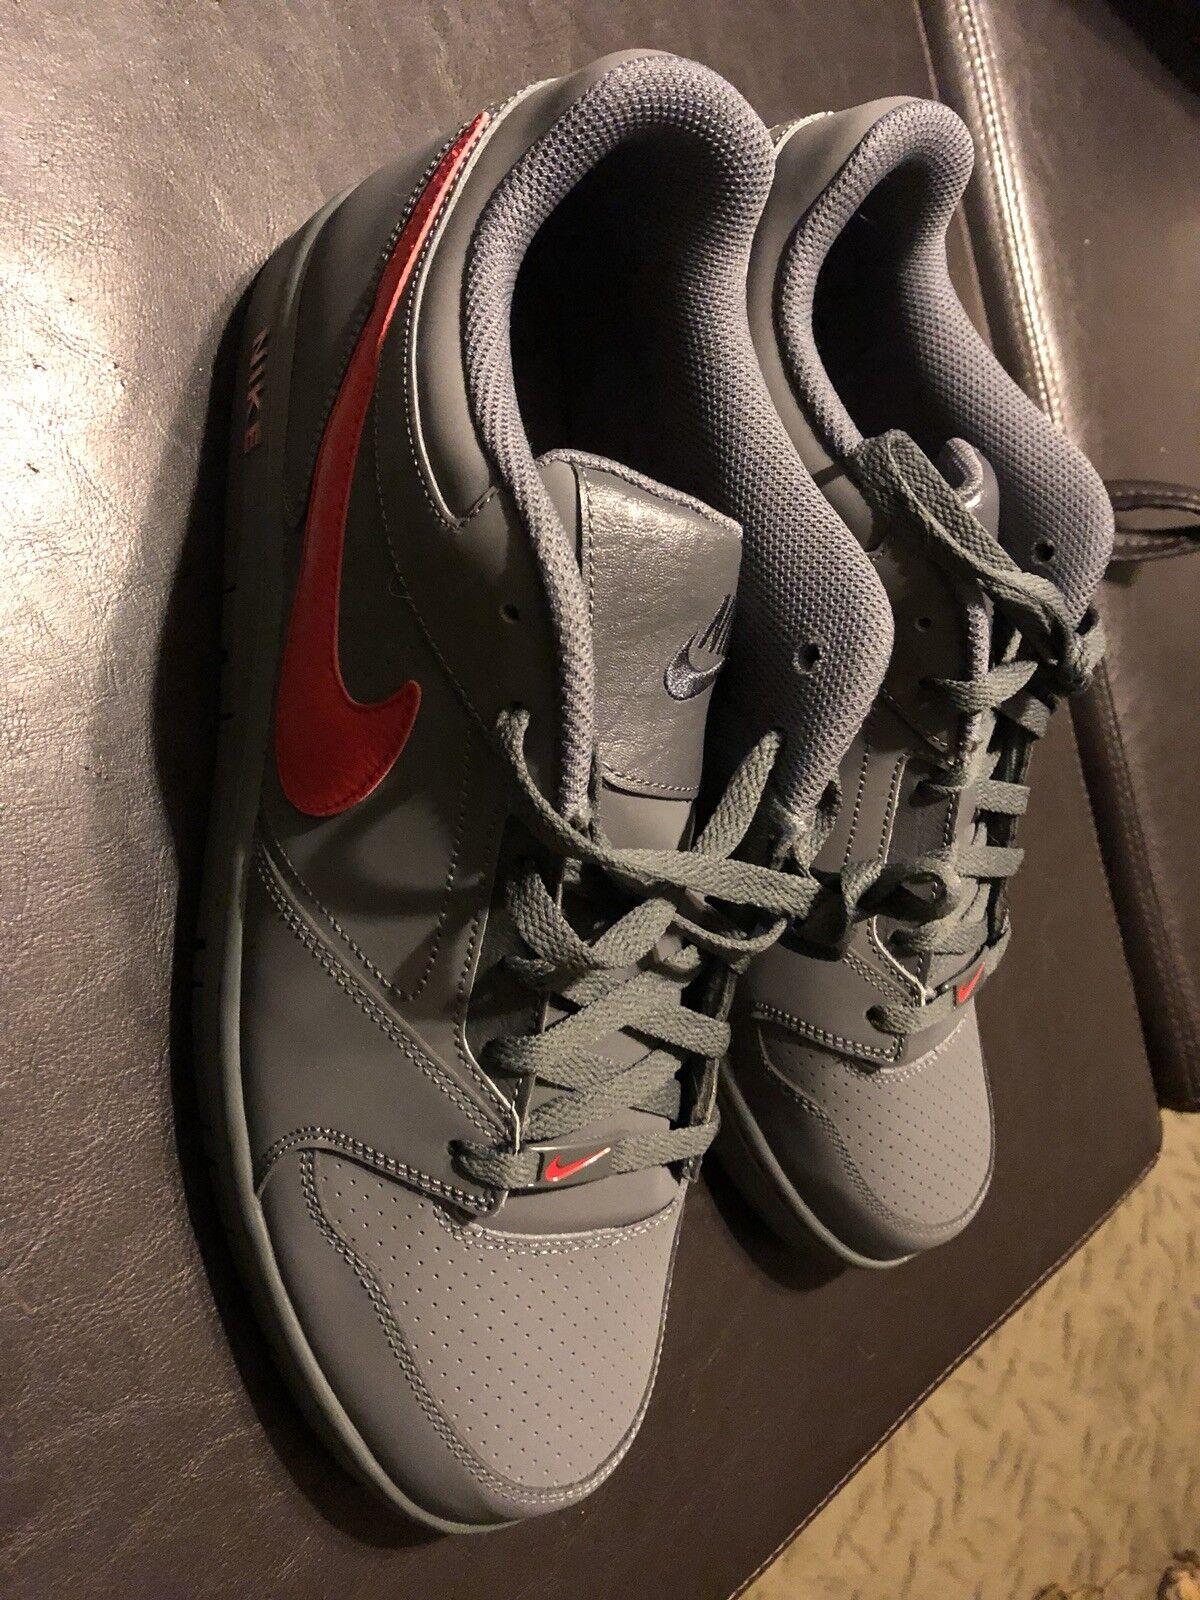 Nike Prestige IV Low Grey Red Size 13 NEW